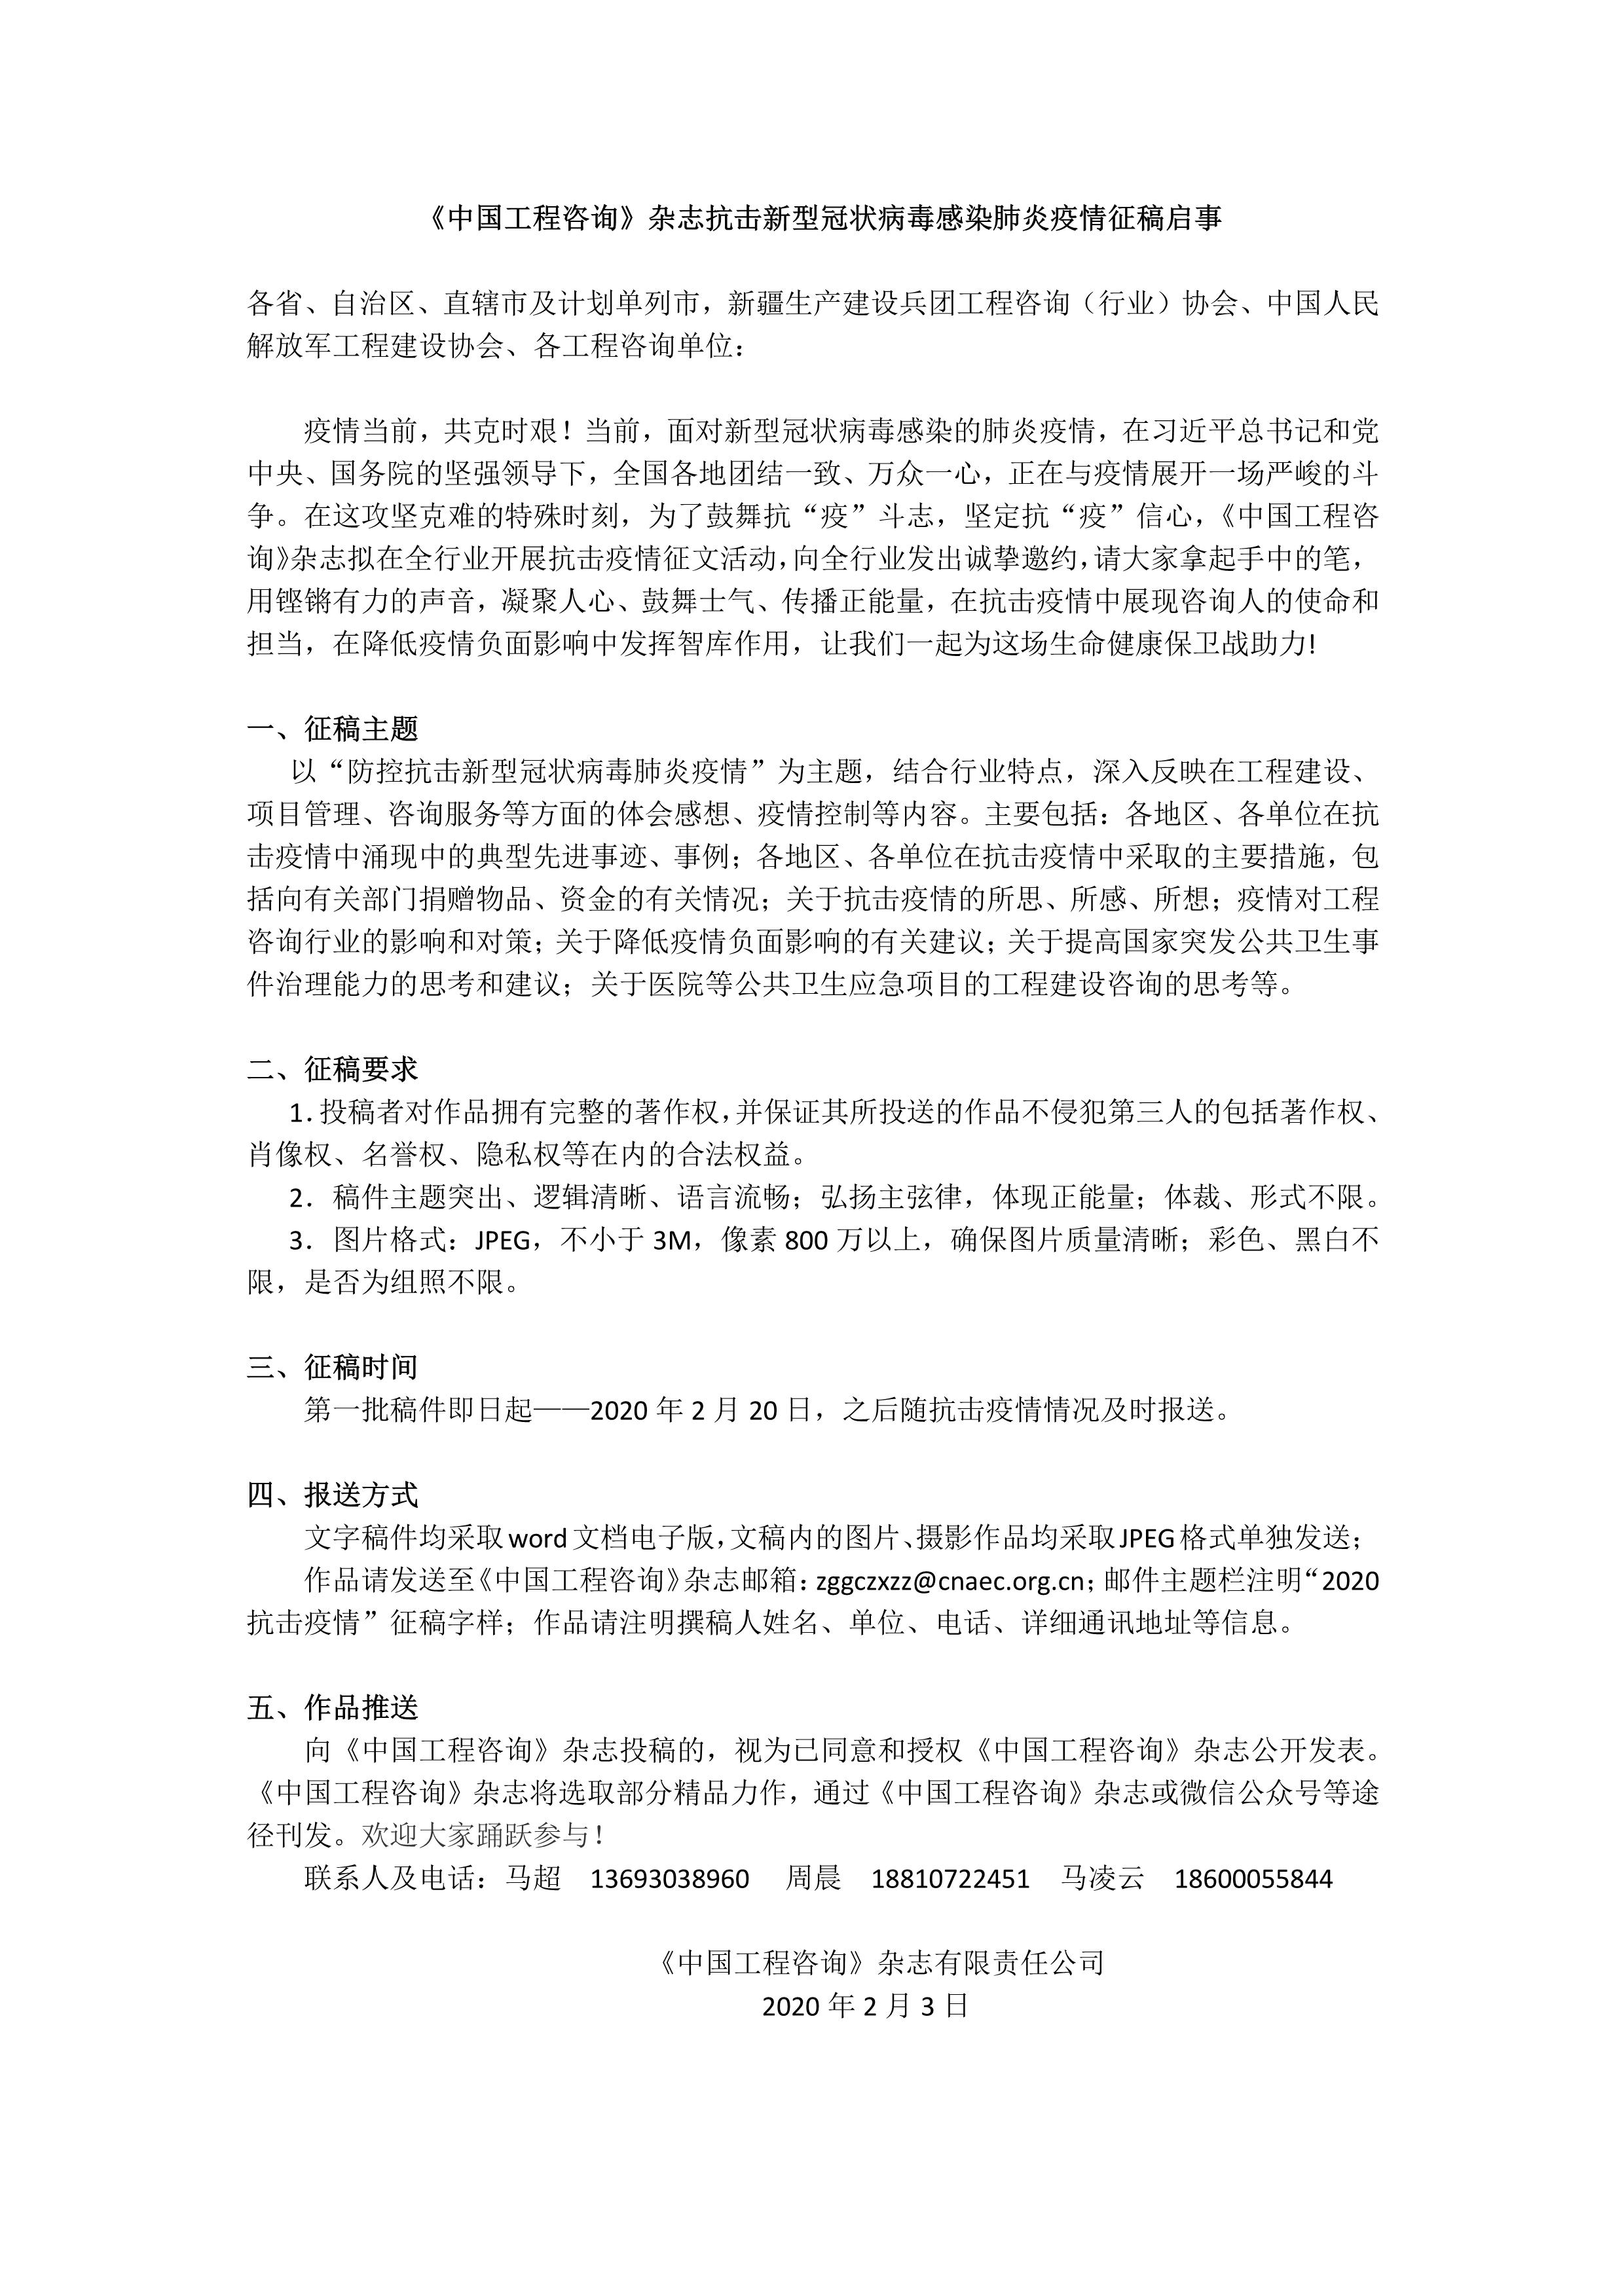 《中国工程咨询》杂志抗击新型冠状病毒感染肺炎疫情征稿启事_1